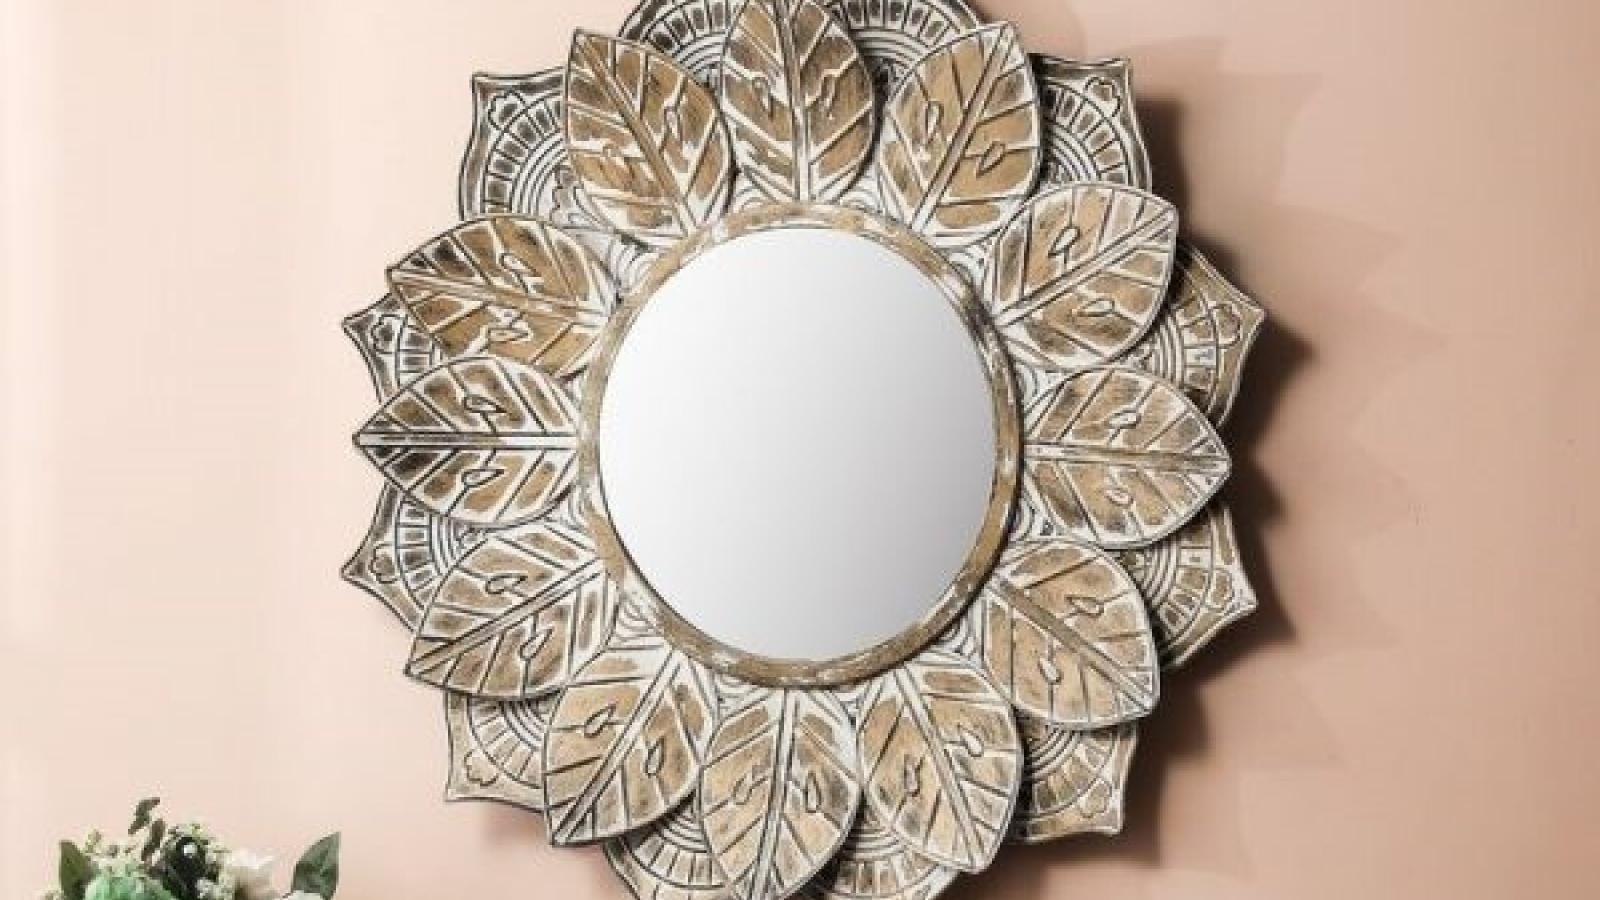 Những mẫu gương trang trí đẹp tinh xảo như tác phẩm nghệ thuật